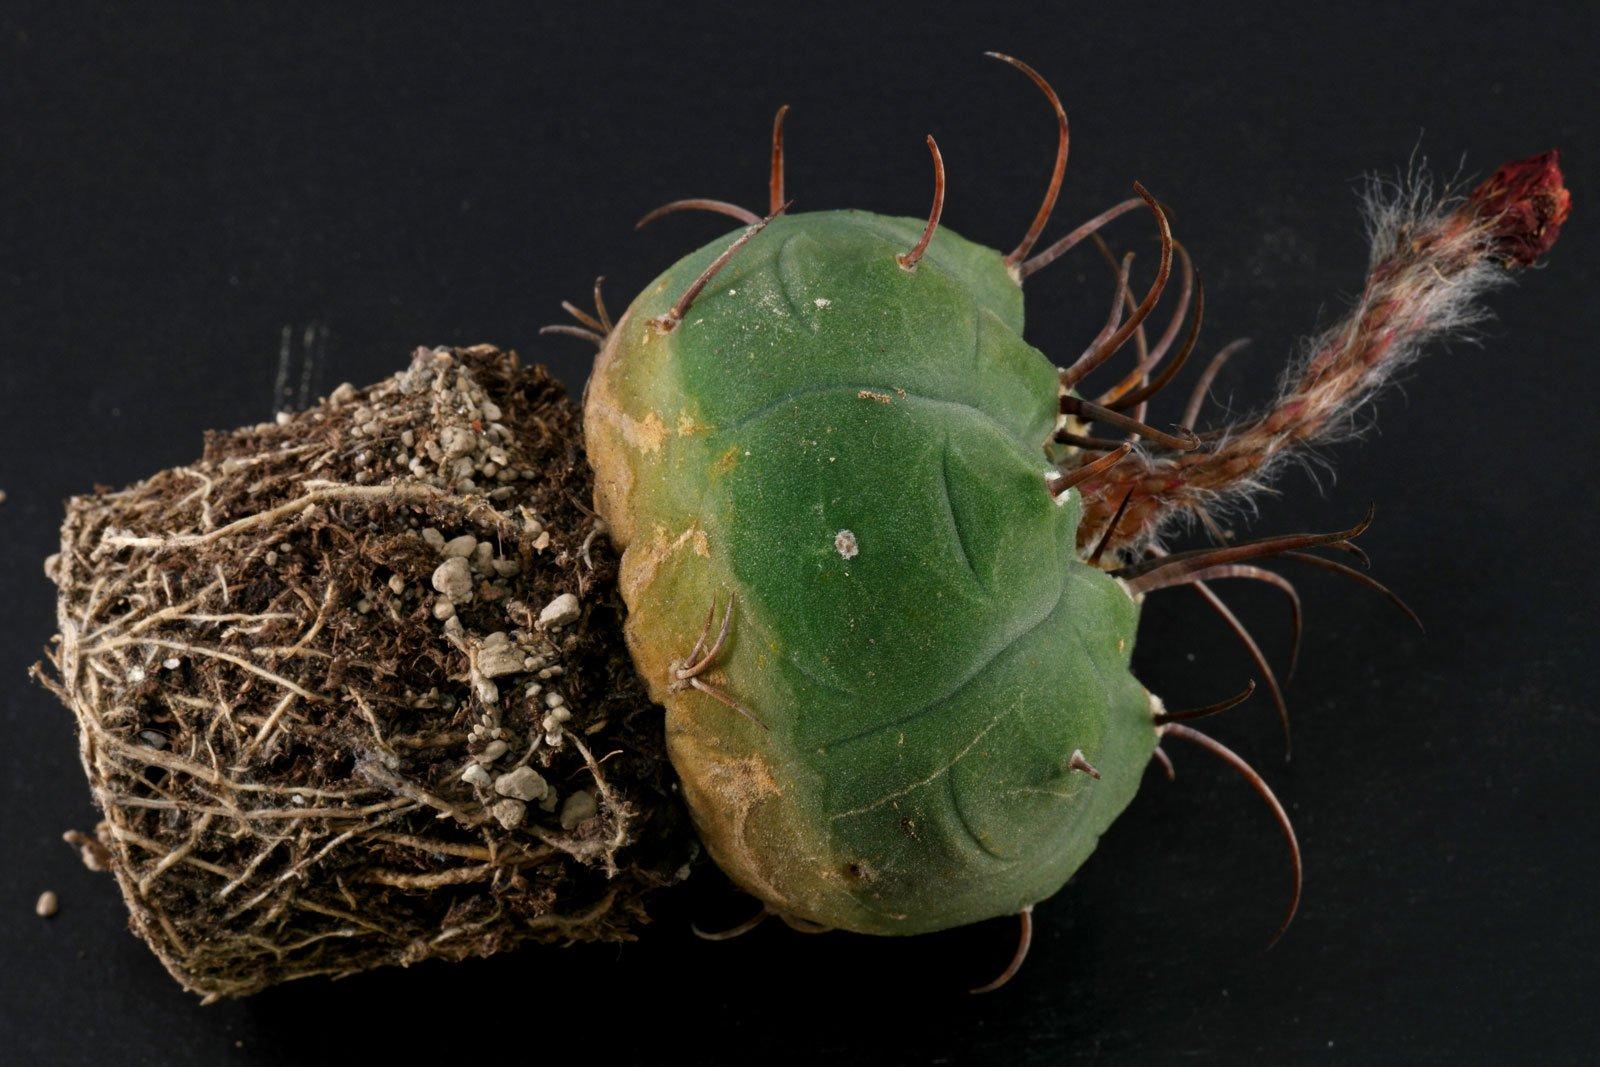 Matucana madisoniorum